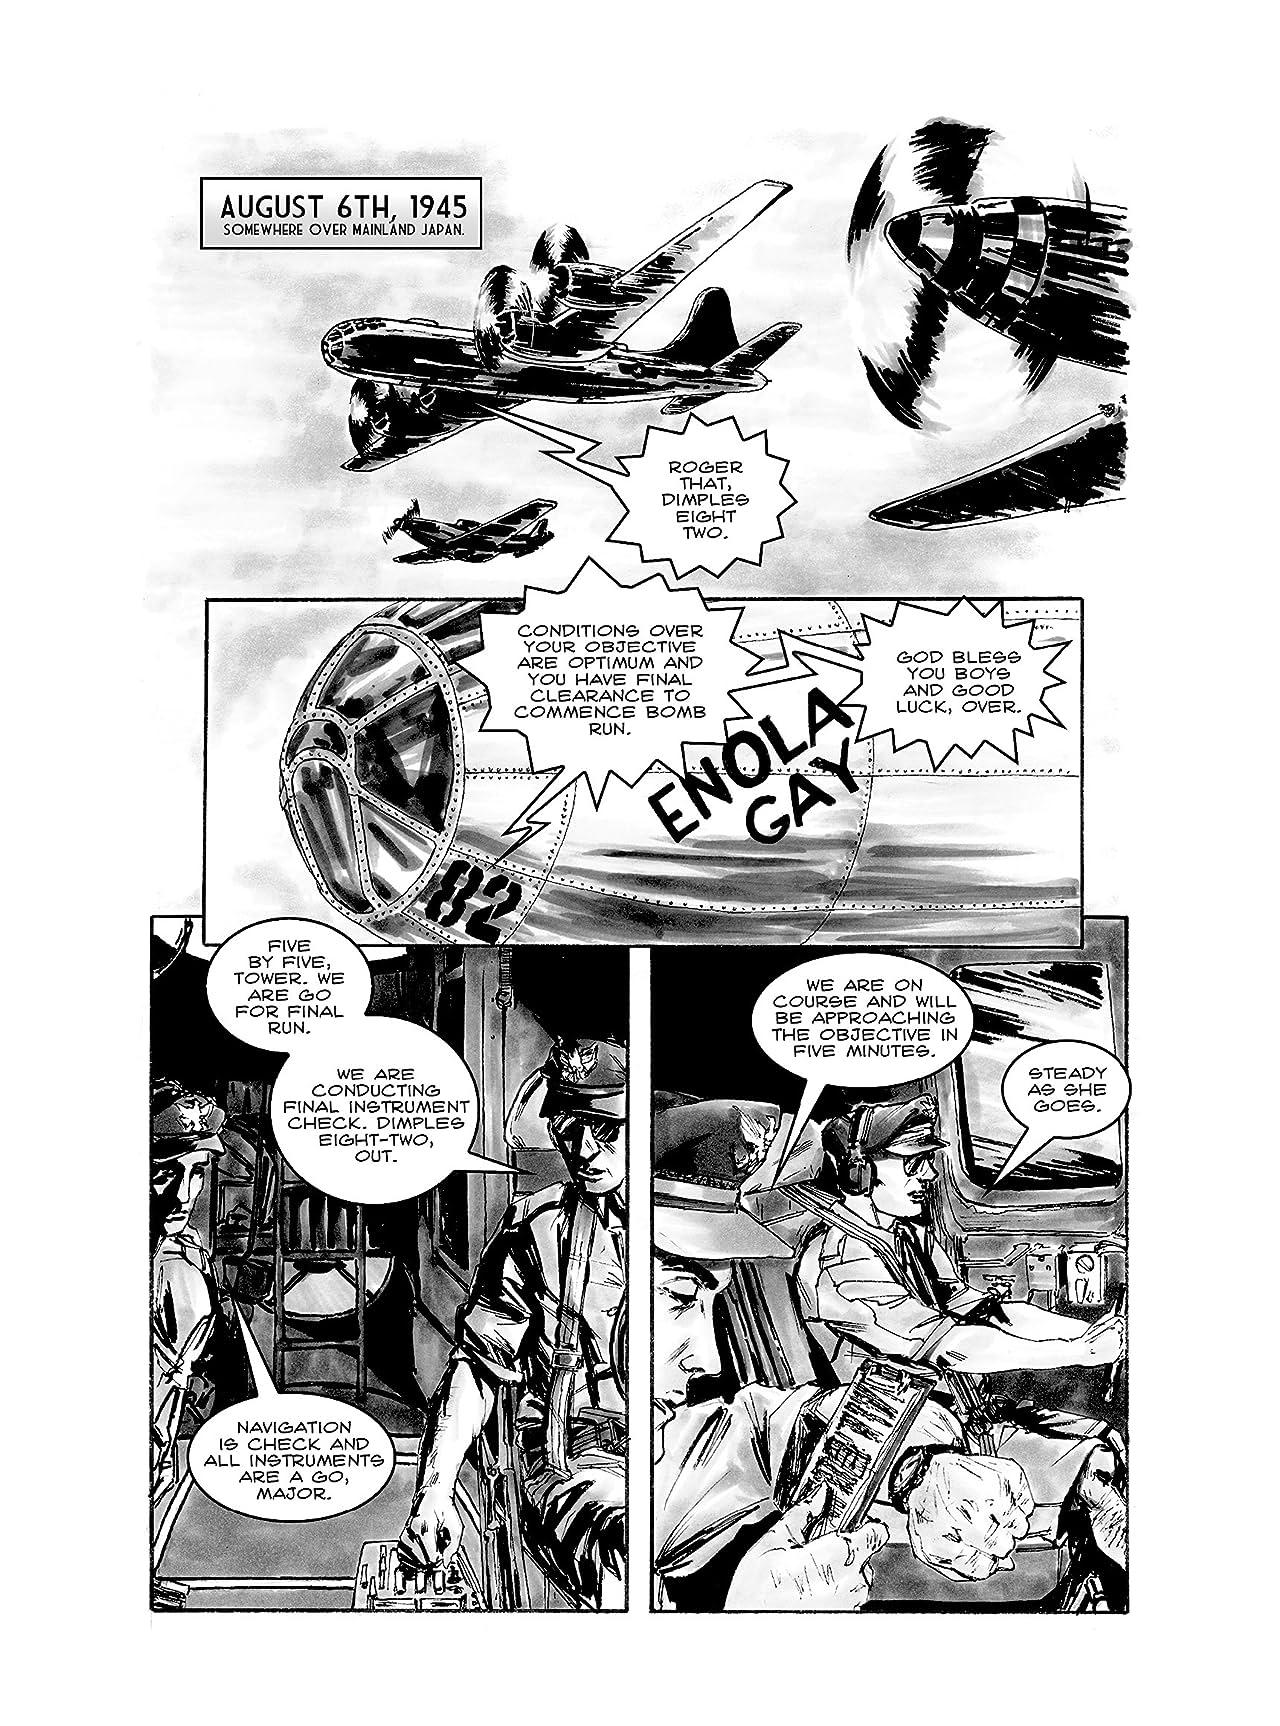 FUBAR Vol. 2: Empire of the Rising Dead